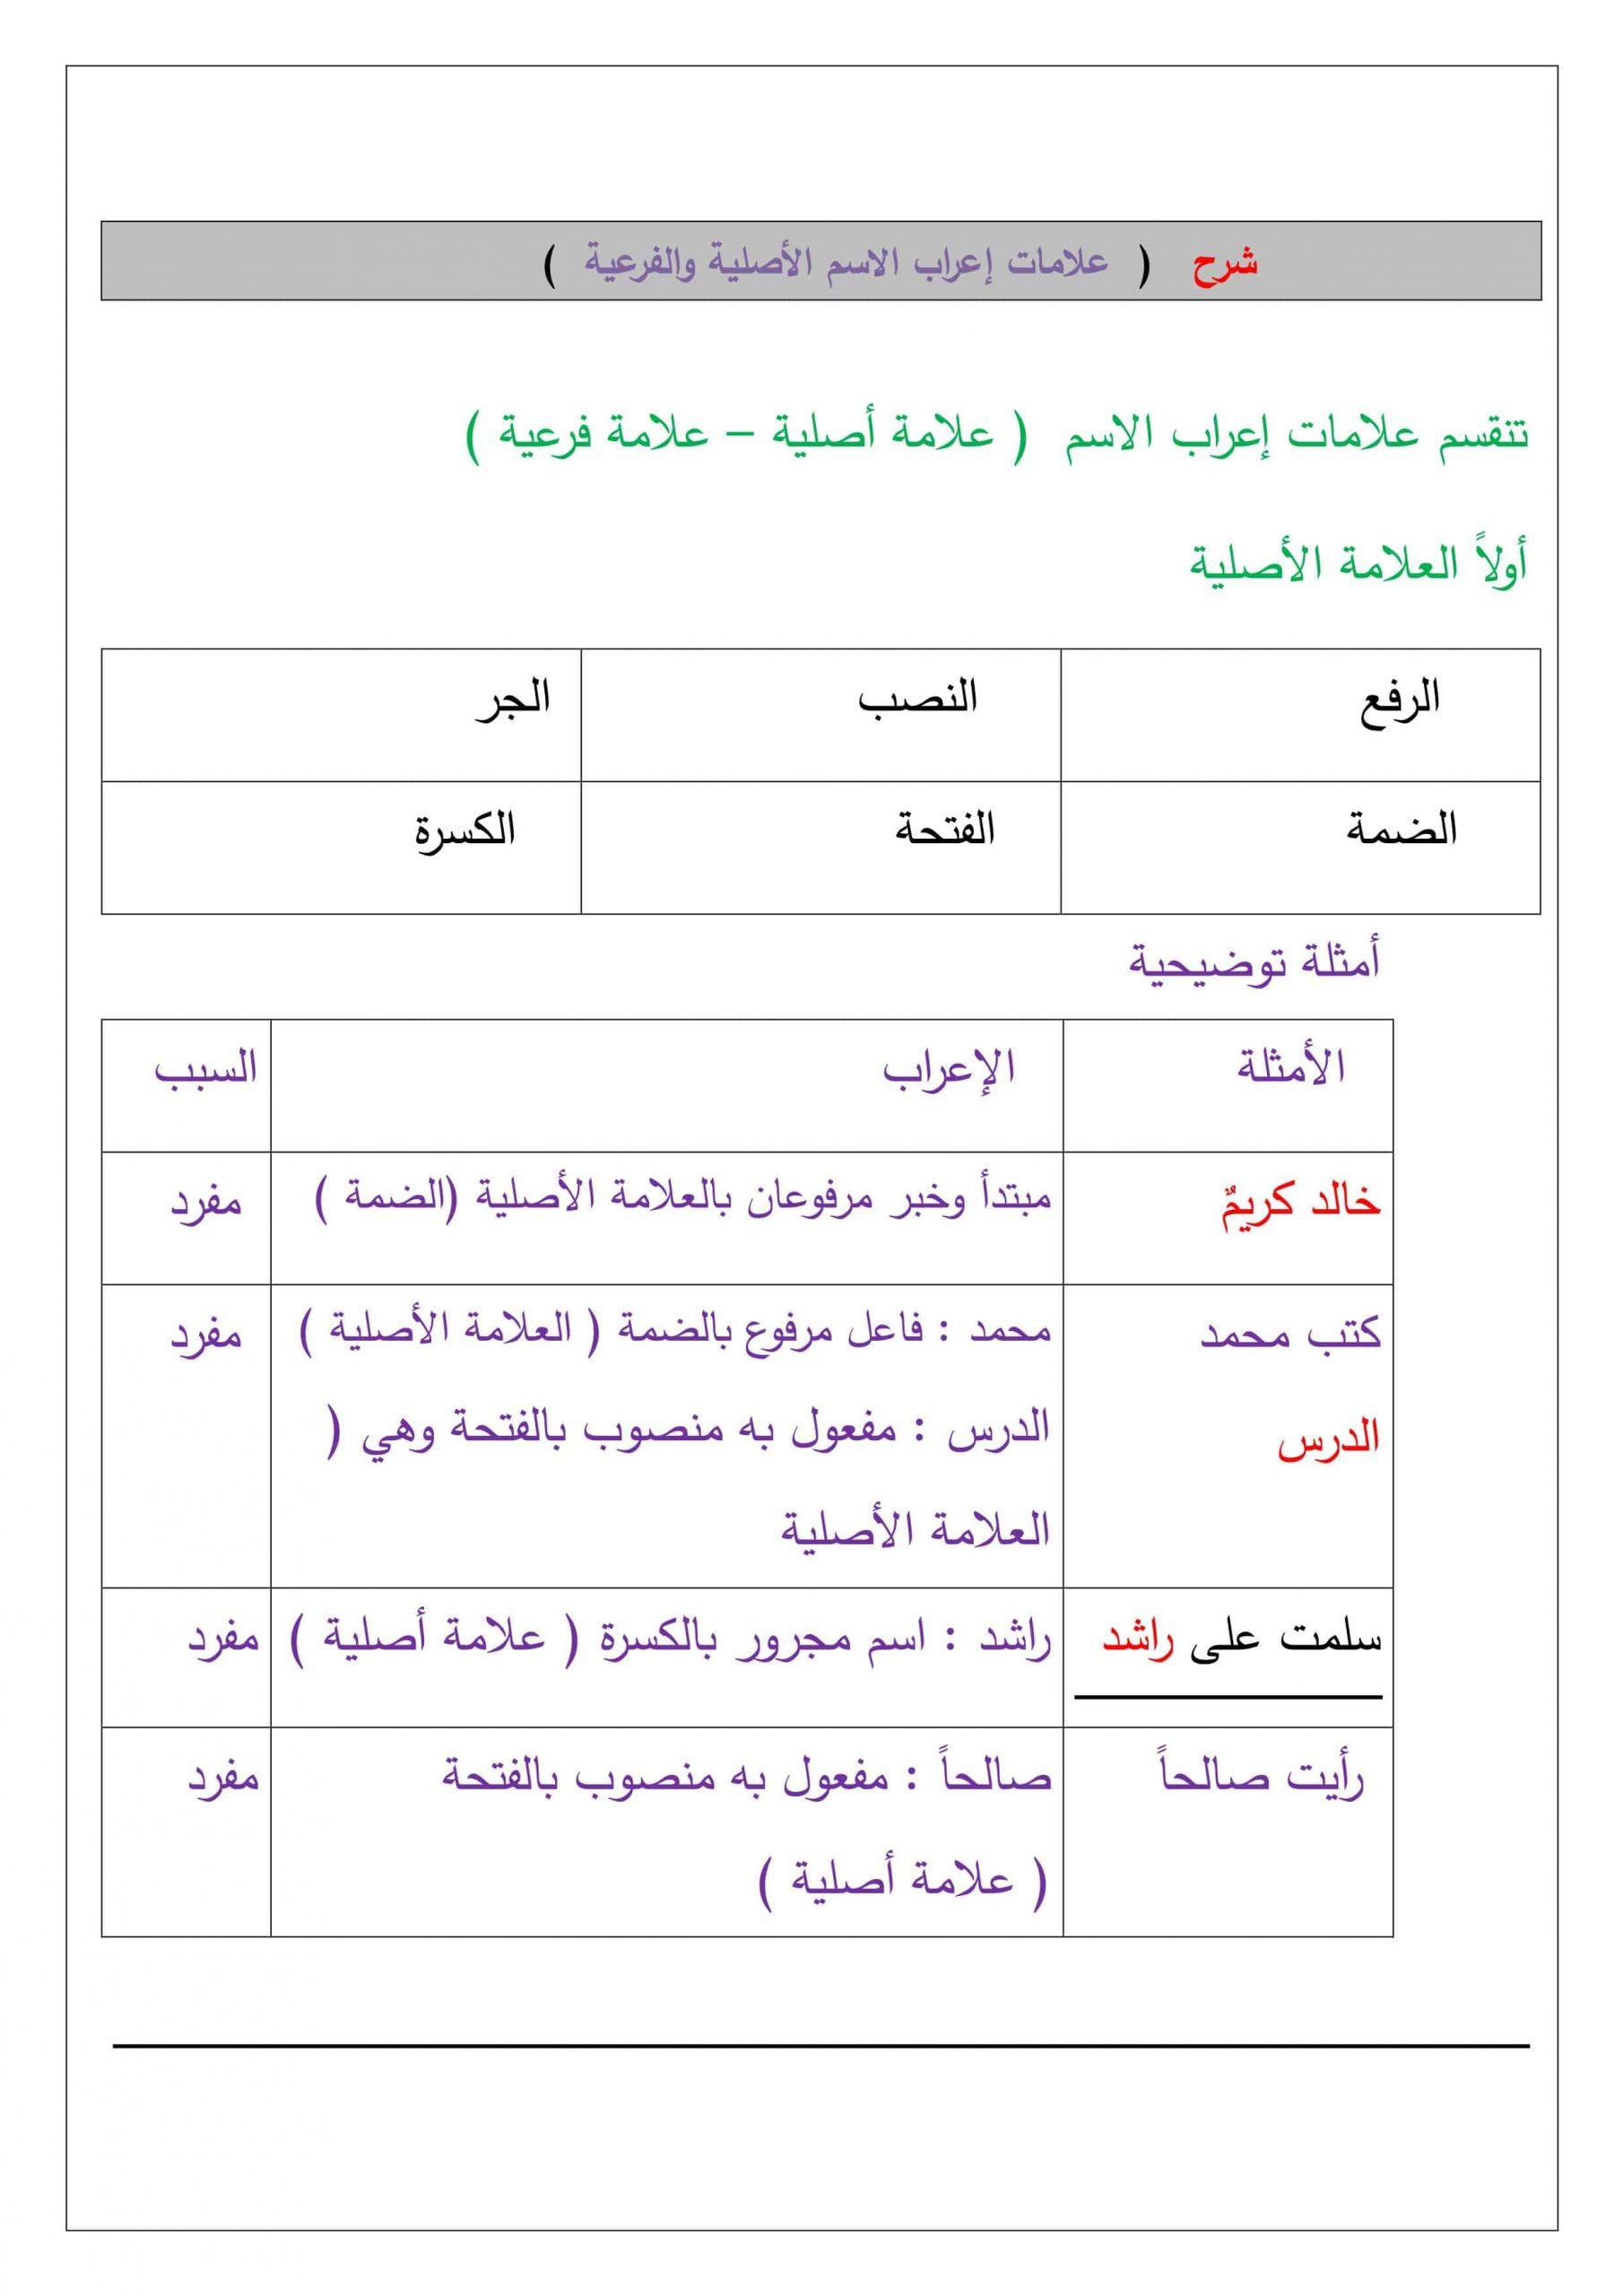 شرح درس علامات إعراب الاسم الأصلية والفرعية الصف السابع مادة اللغة العربية